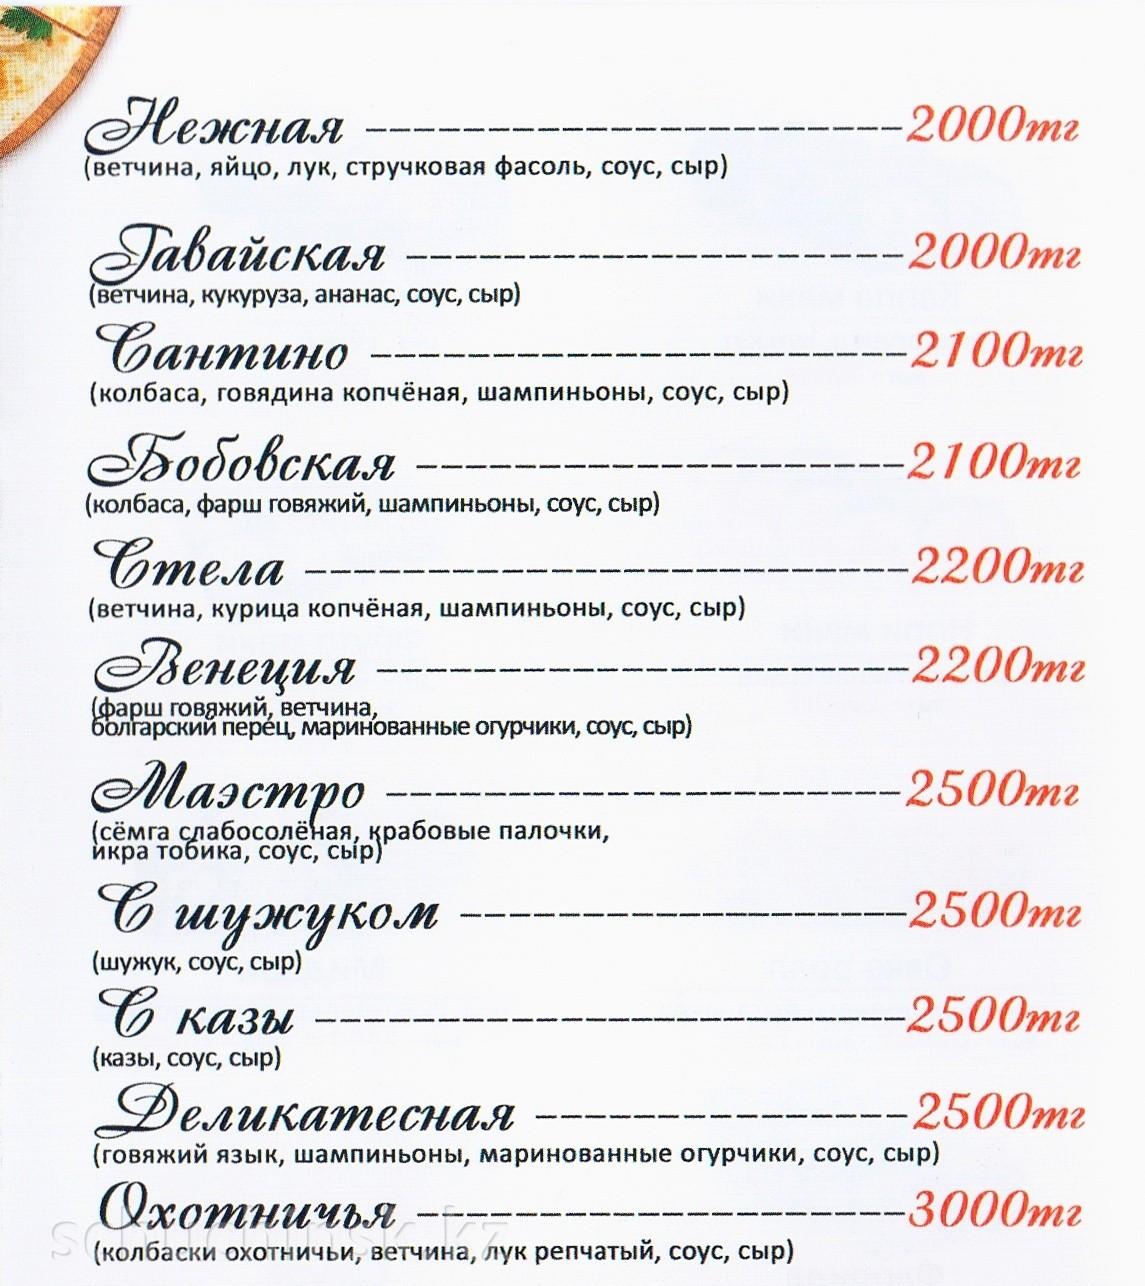 Суши и пицца в Щучинске, на заказ - бесплатная доставка